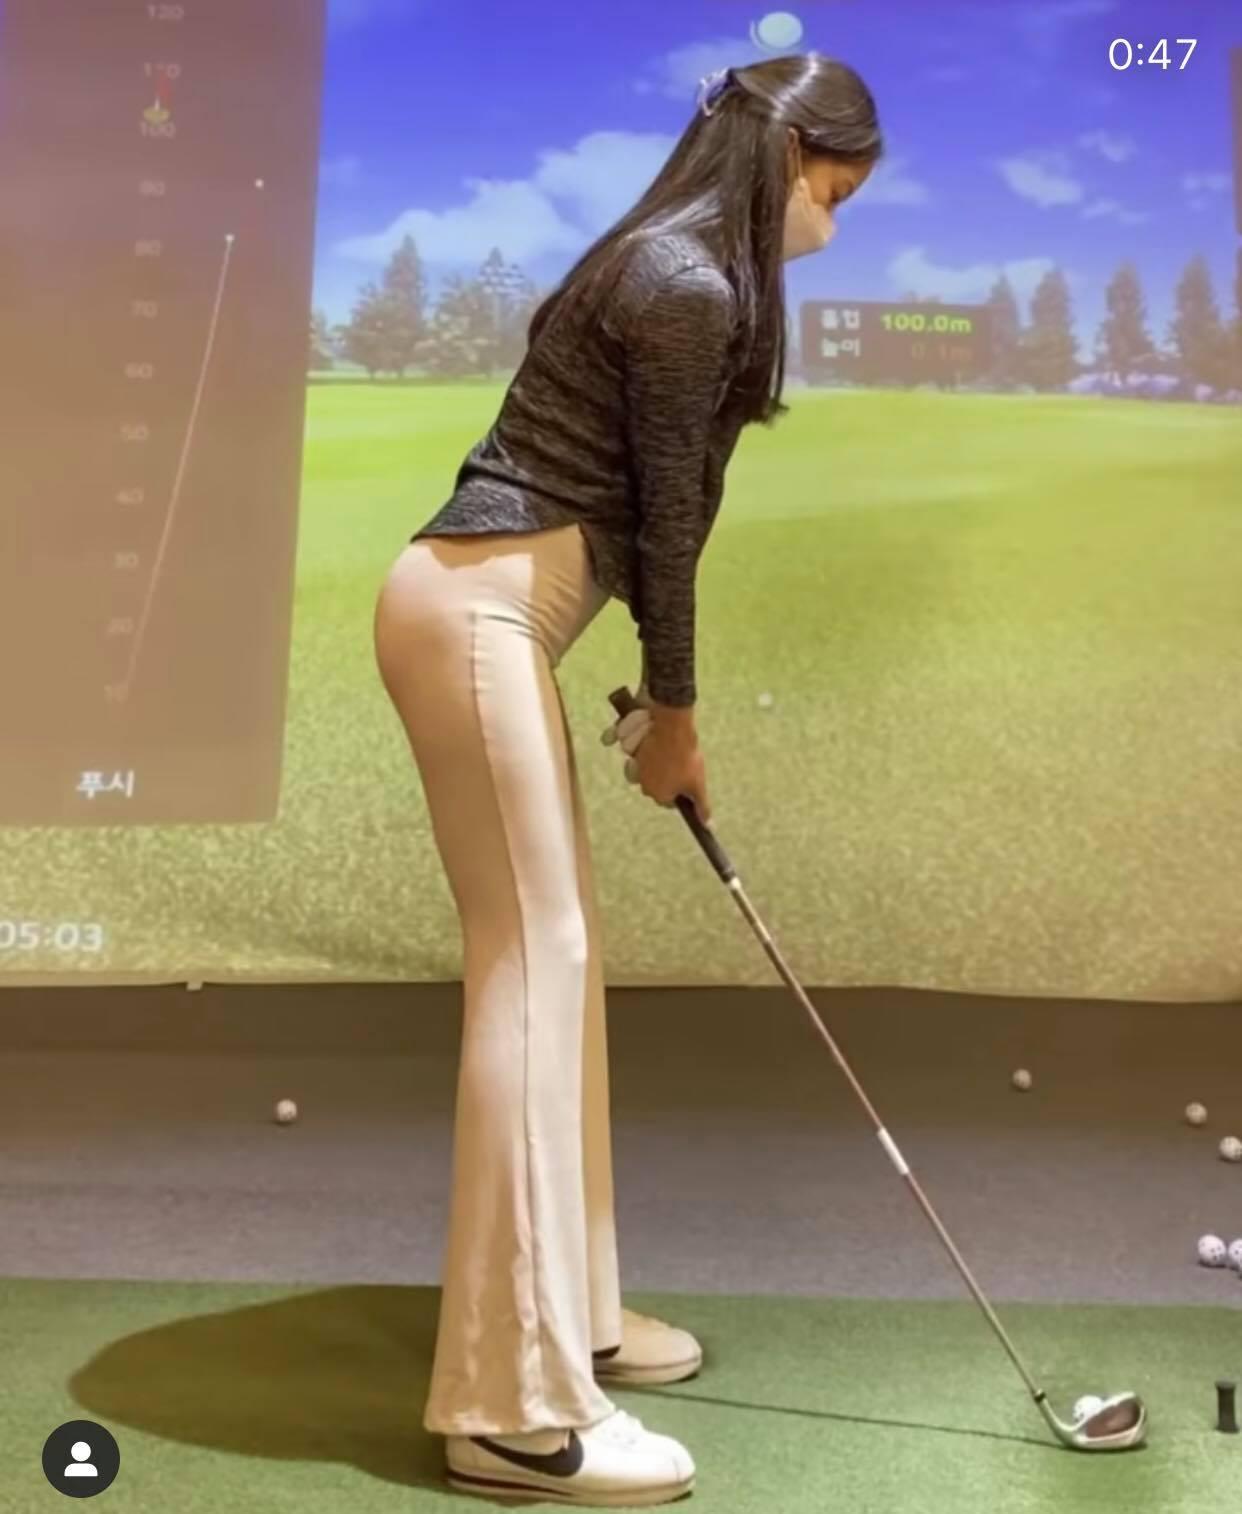 Mặc quần bó chẽn nude đi chơi golf, cô gái này vô duyên hay gợi cảm? - 1